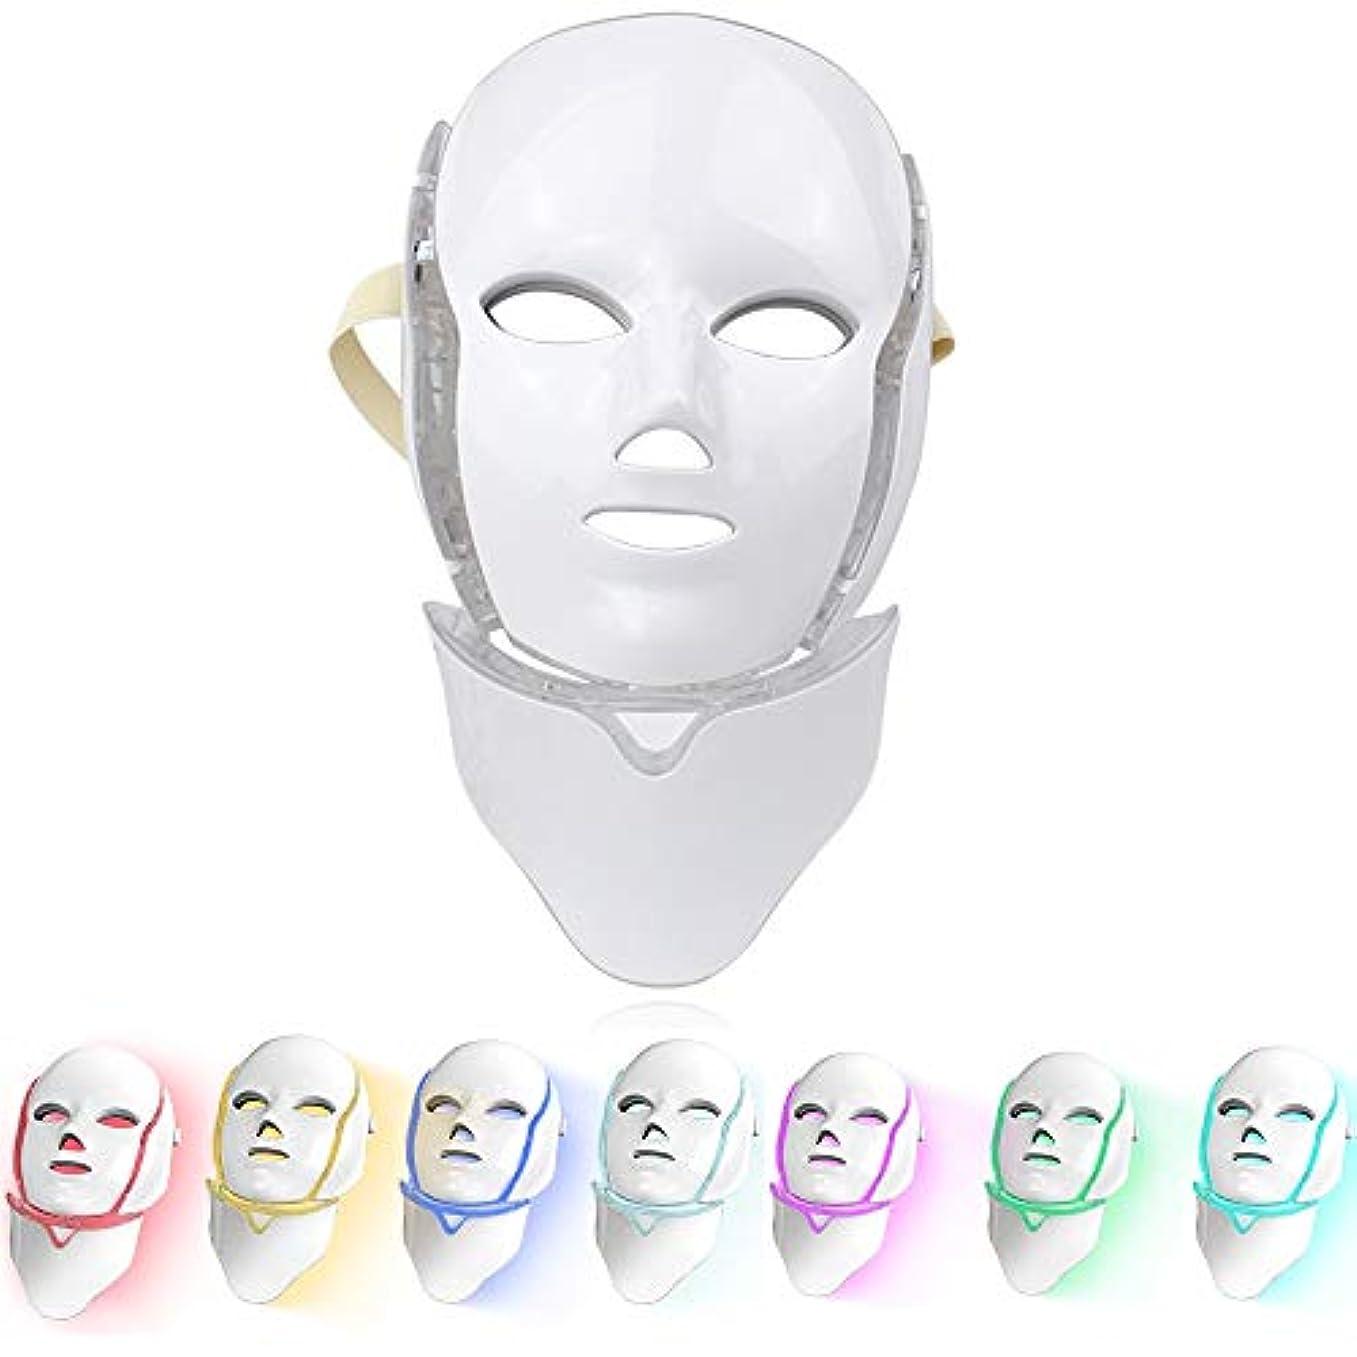 目覚める華氏重くする7色LED顔面美容スキンケアの若返りシワ除去女性のためのアンチエイジング電気デバイス